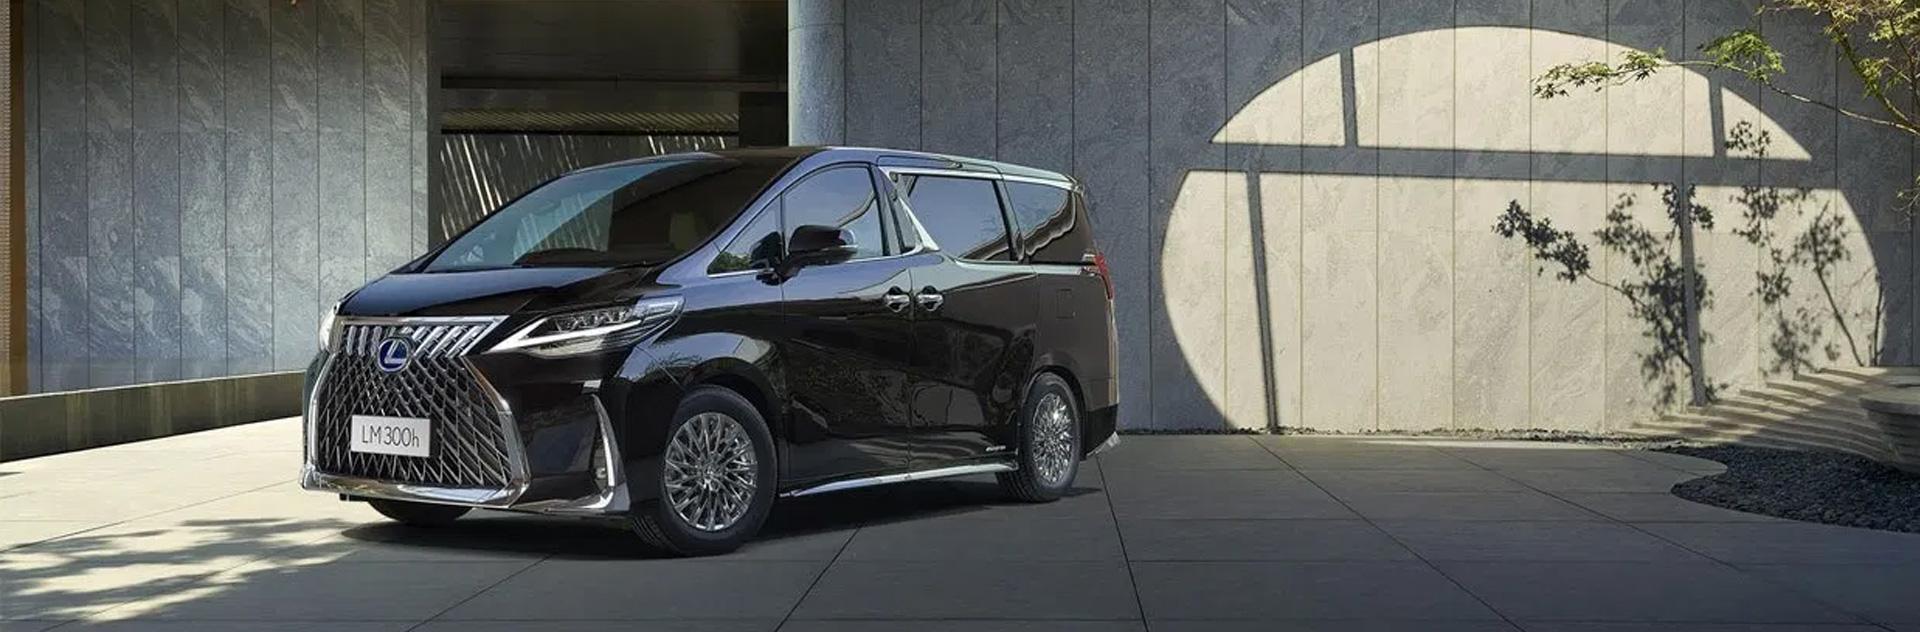 Toyota Alphard độ thành Lexus LM300h tỷ lệ 1:1 ( nội thất và ngoại thất)